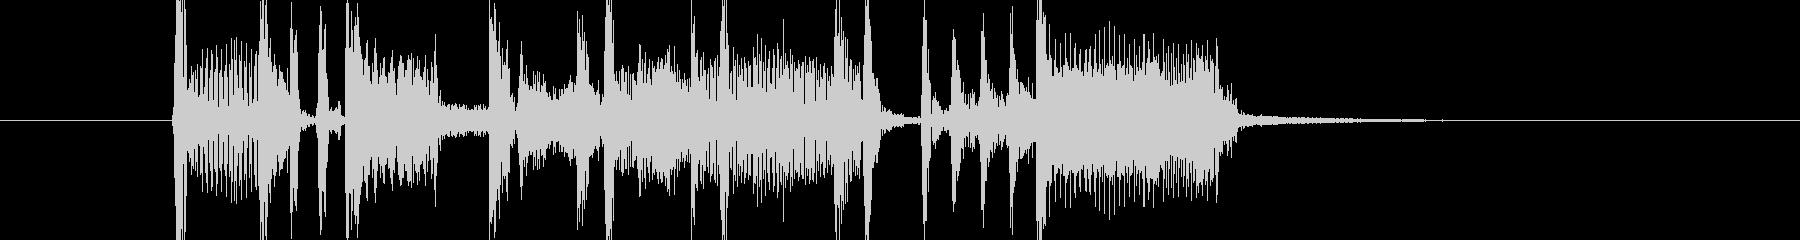 オルガンとベースのファンキーなジングルの未再生の波形